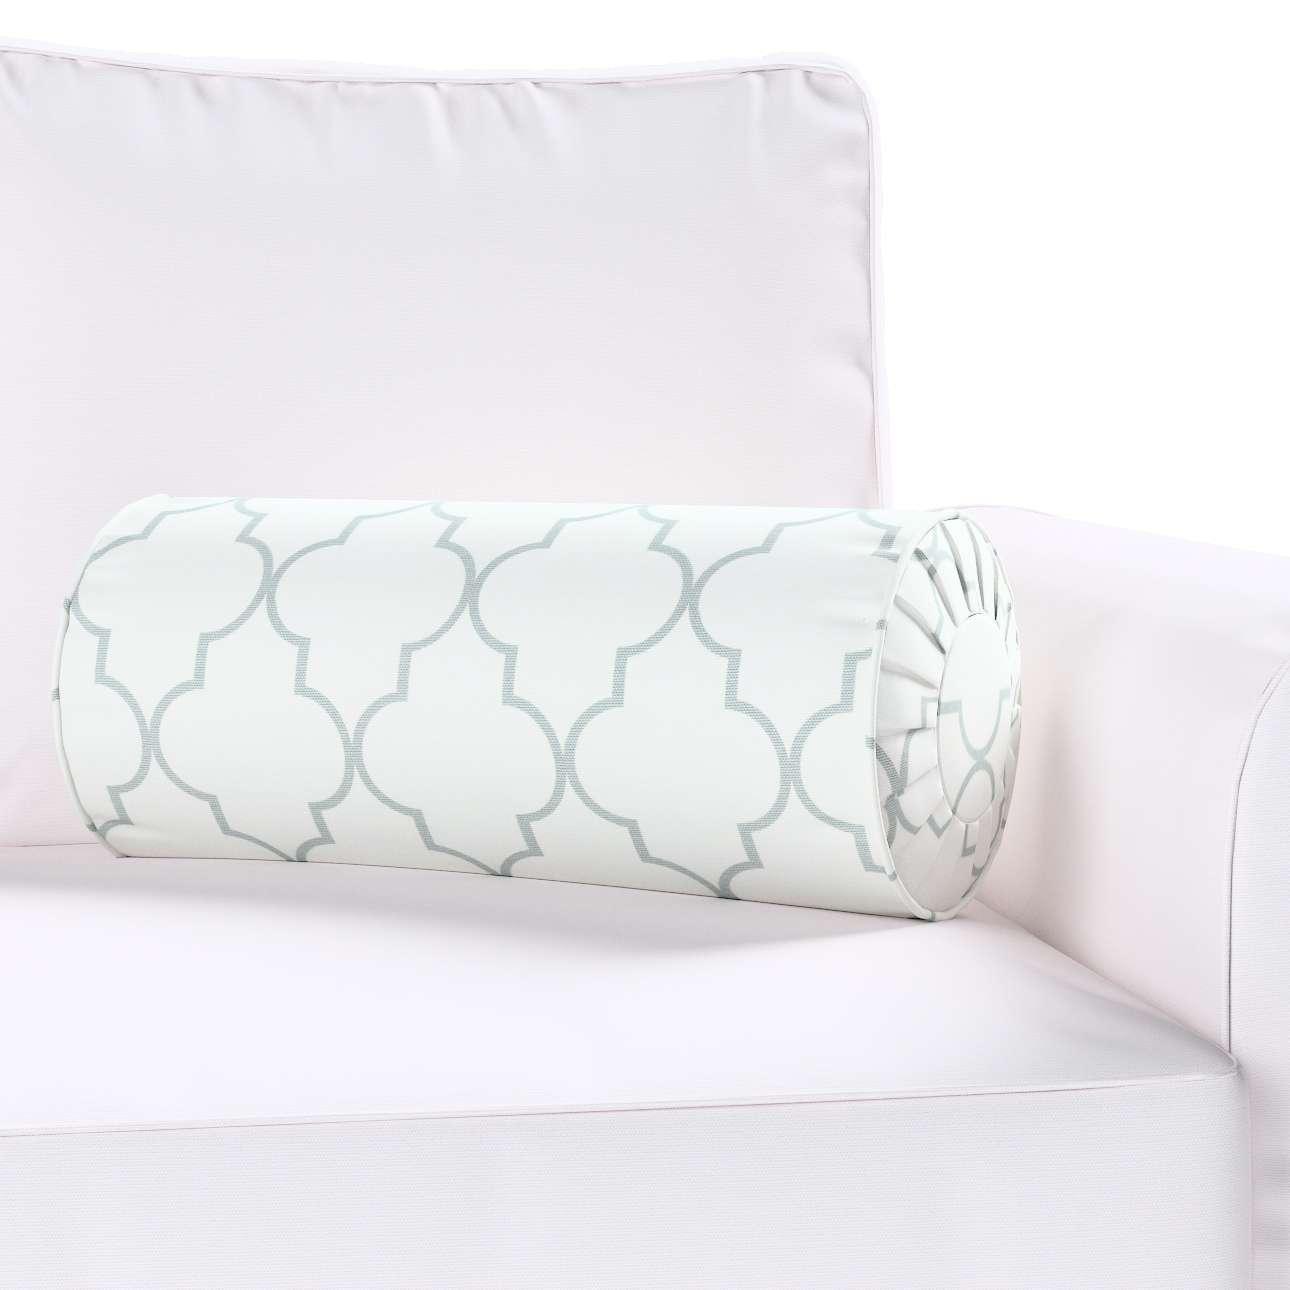 Ritinio formos  pagalvėlė su klostėmis Ø 20 x 50 cm kolekcijoje Comics Prints, audinys: 137-85